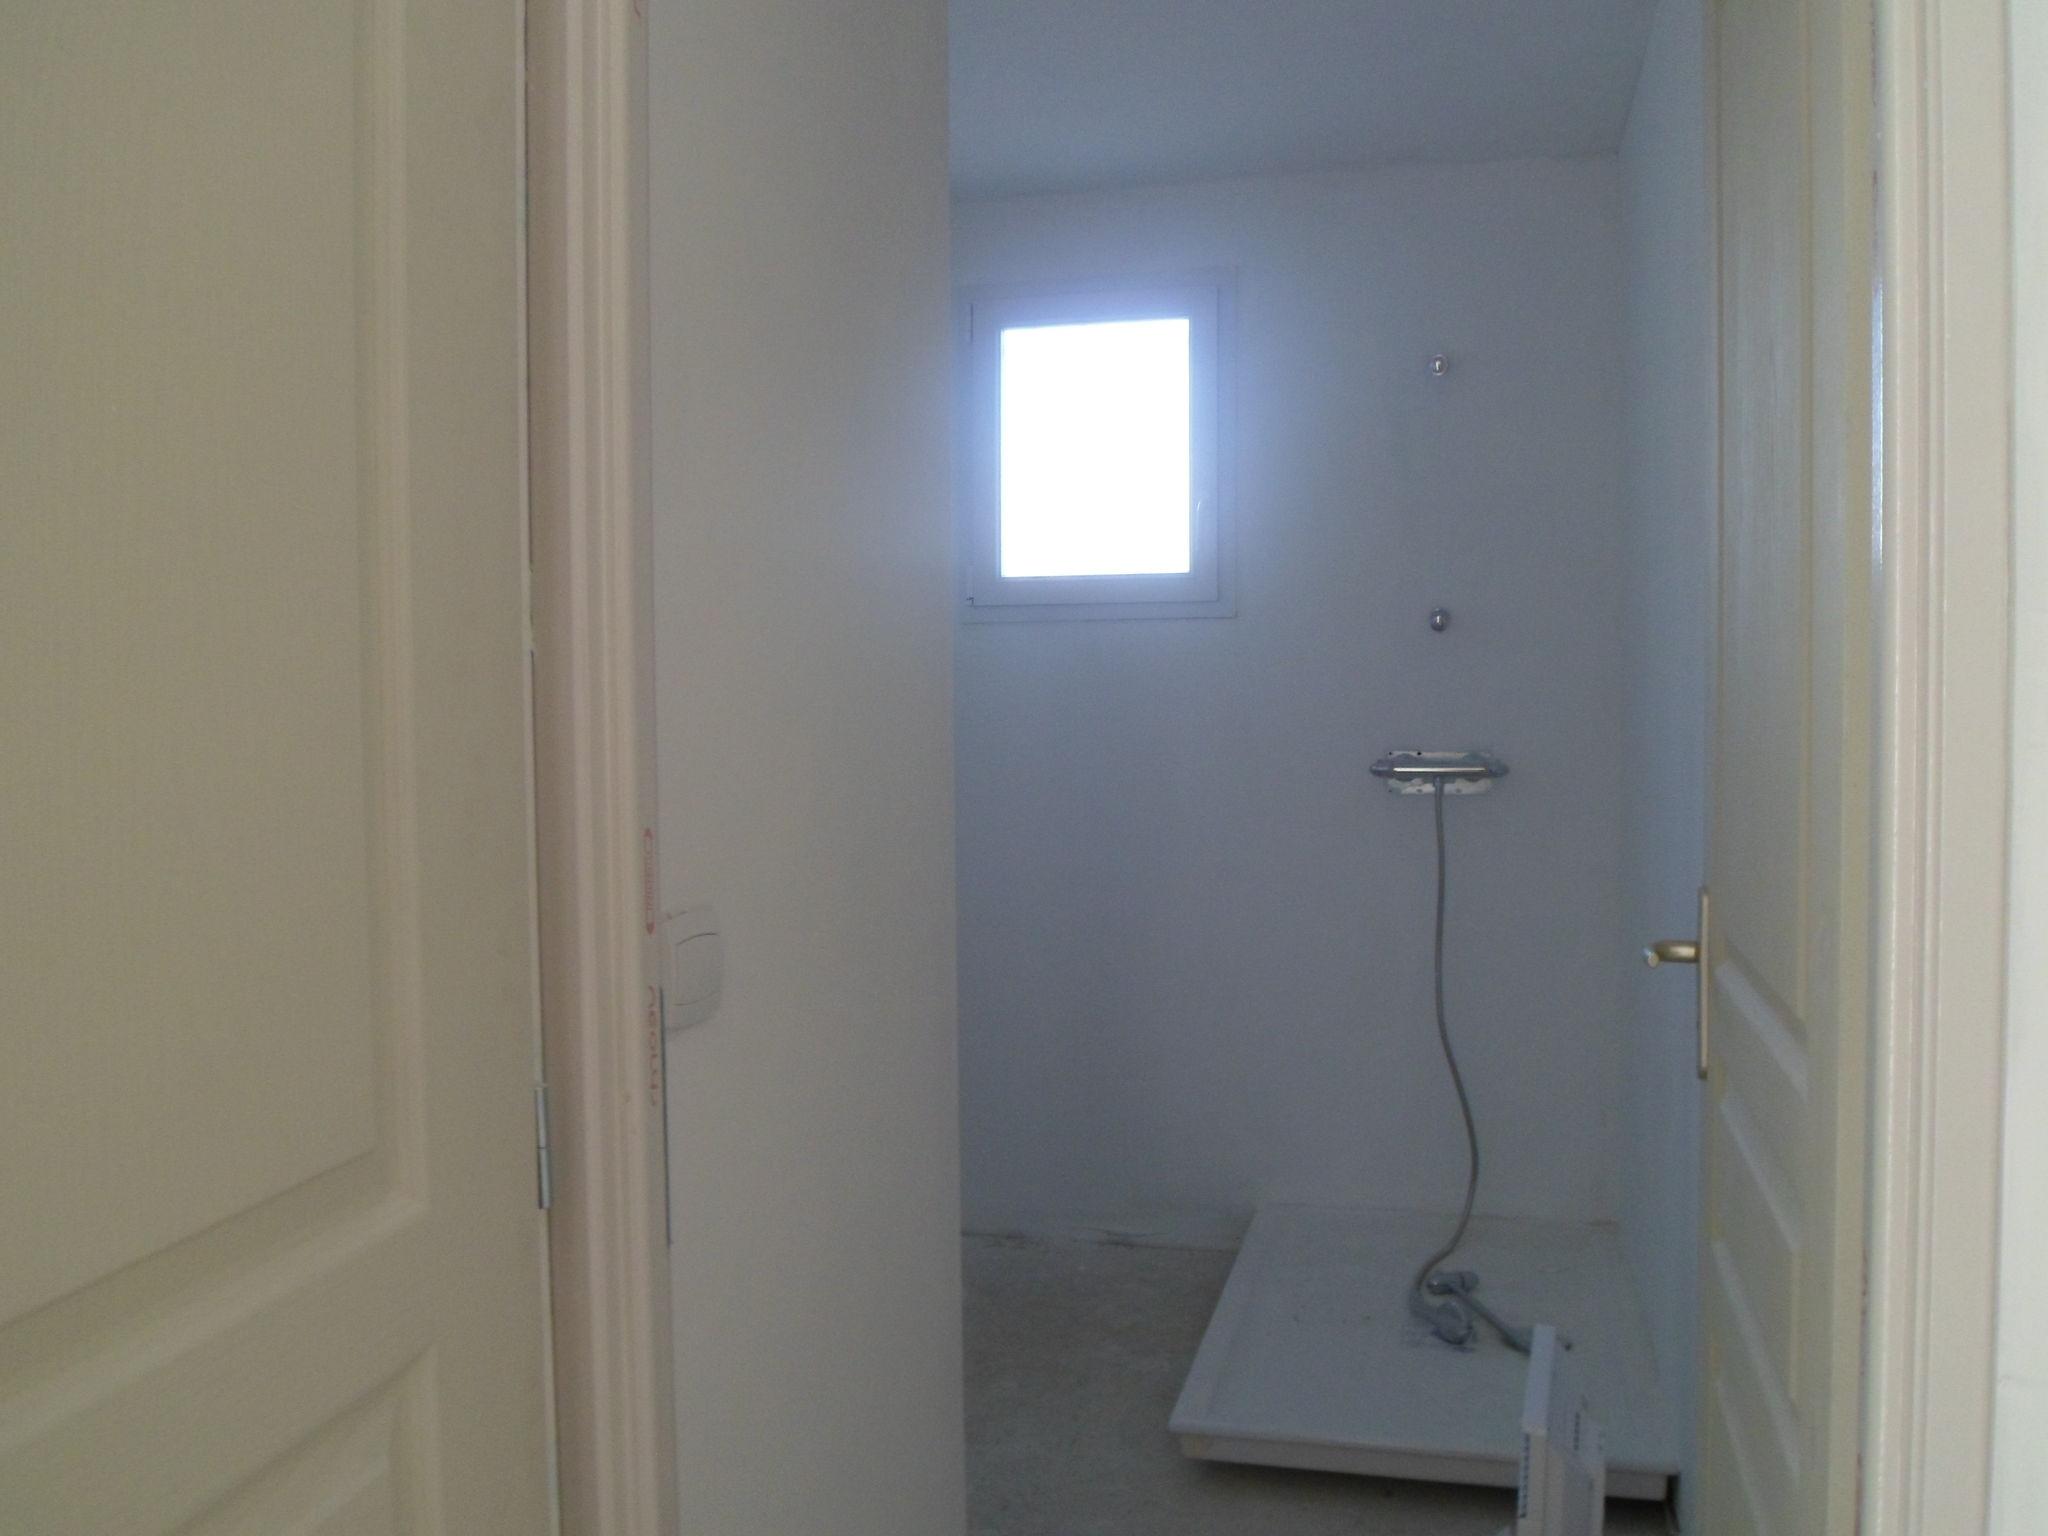 Notre maison ph nix cote d 39 or for Porte de garage maison phenix